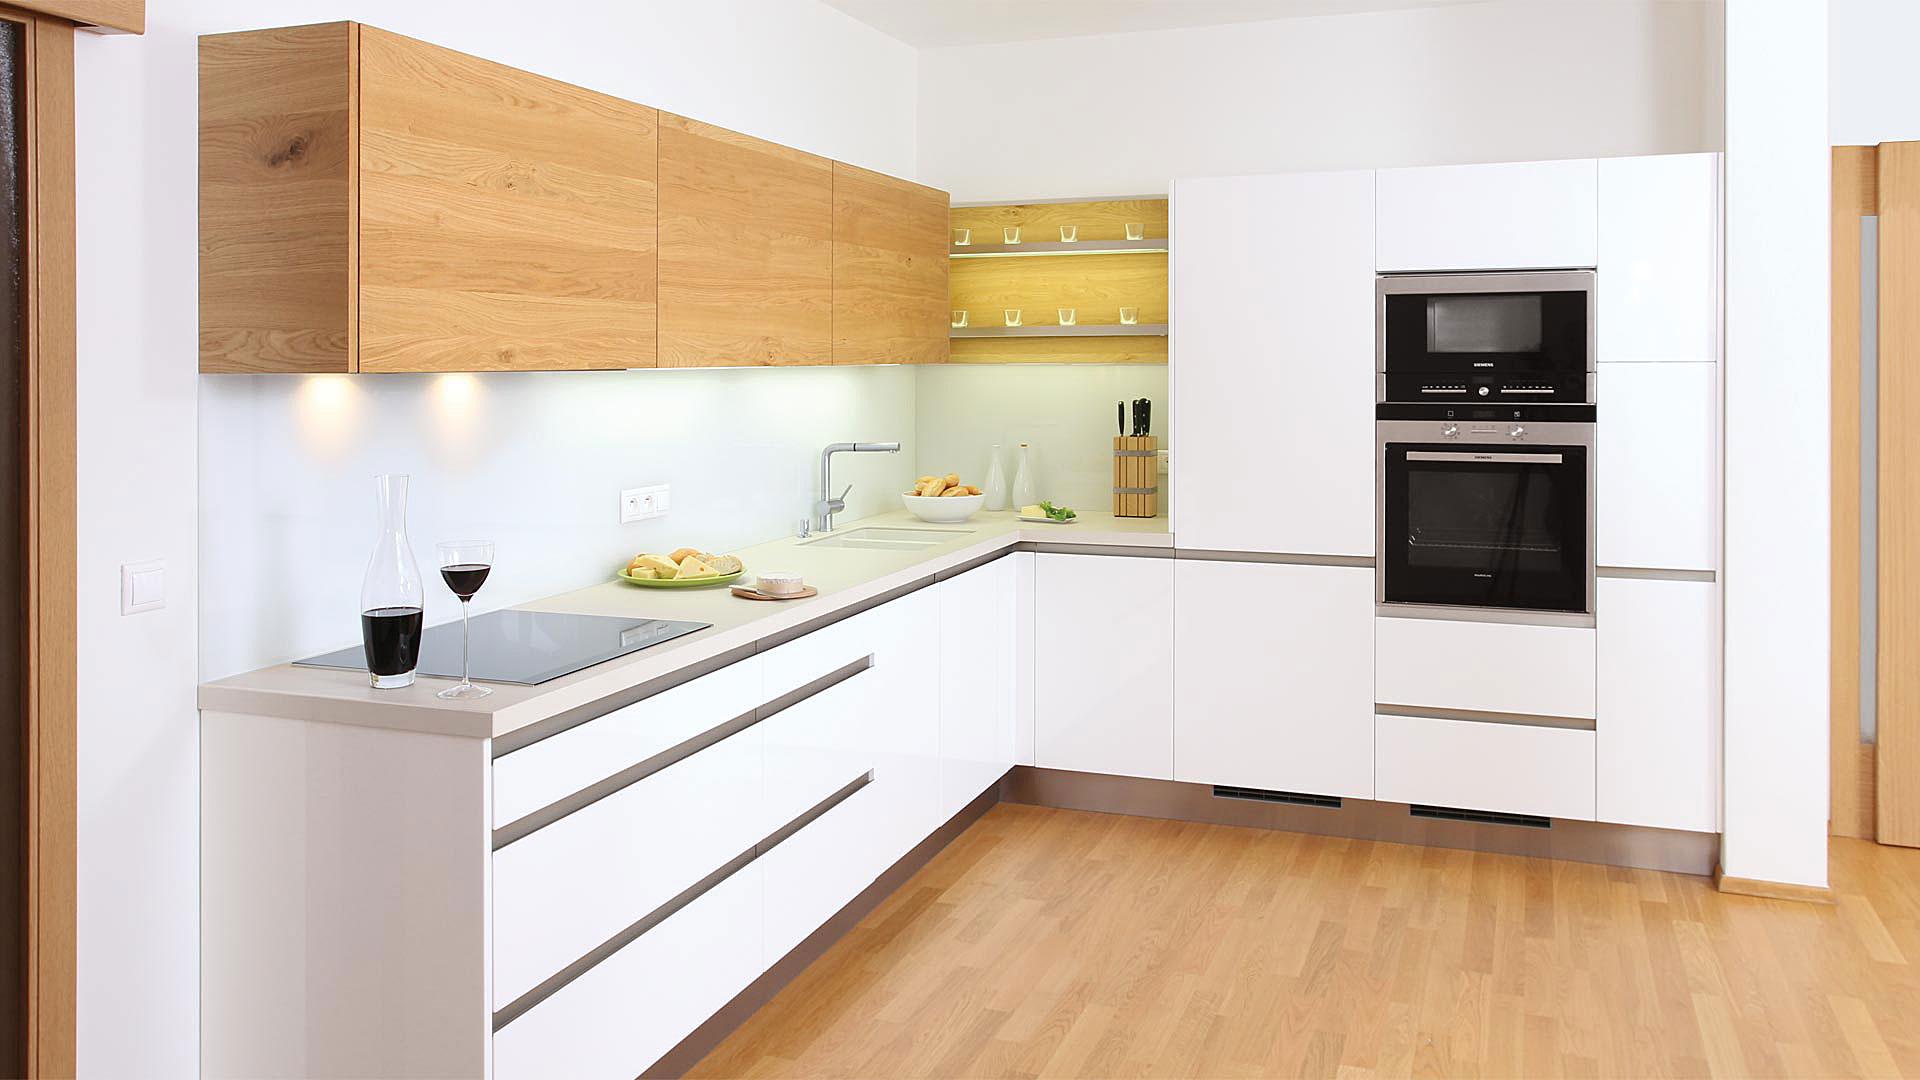 Фотогалерея г образной кухни